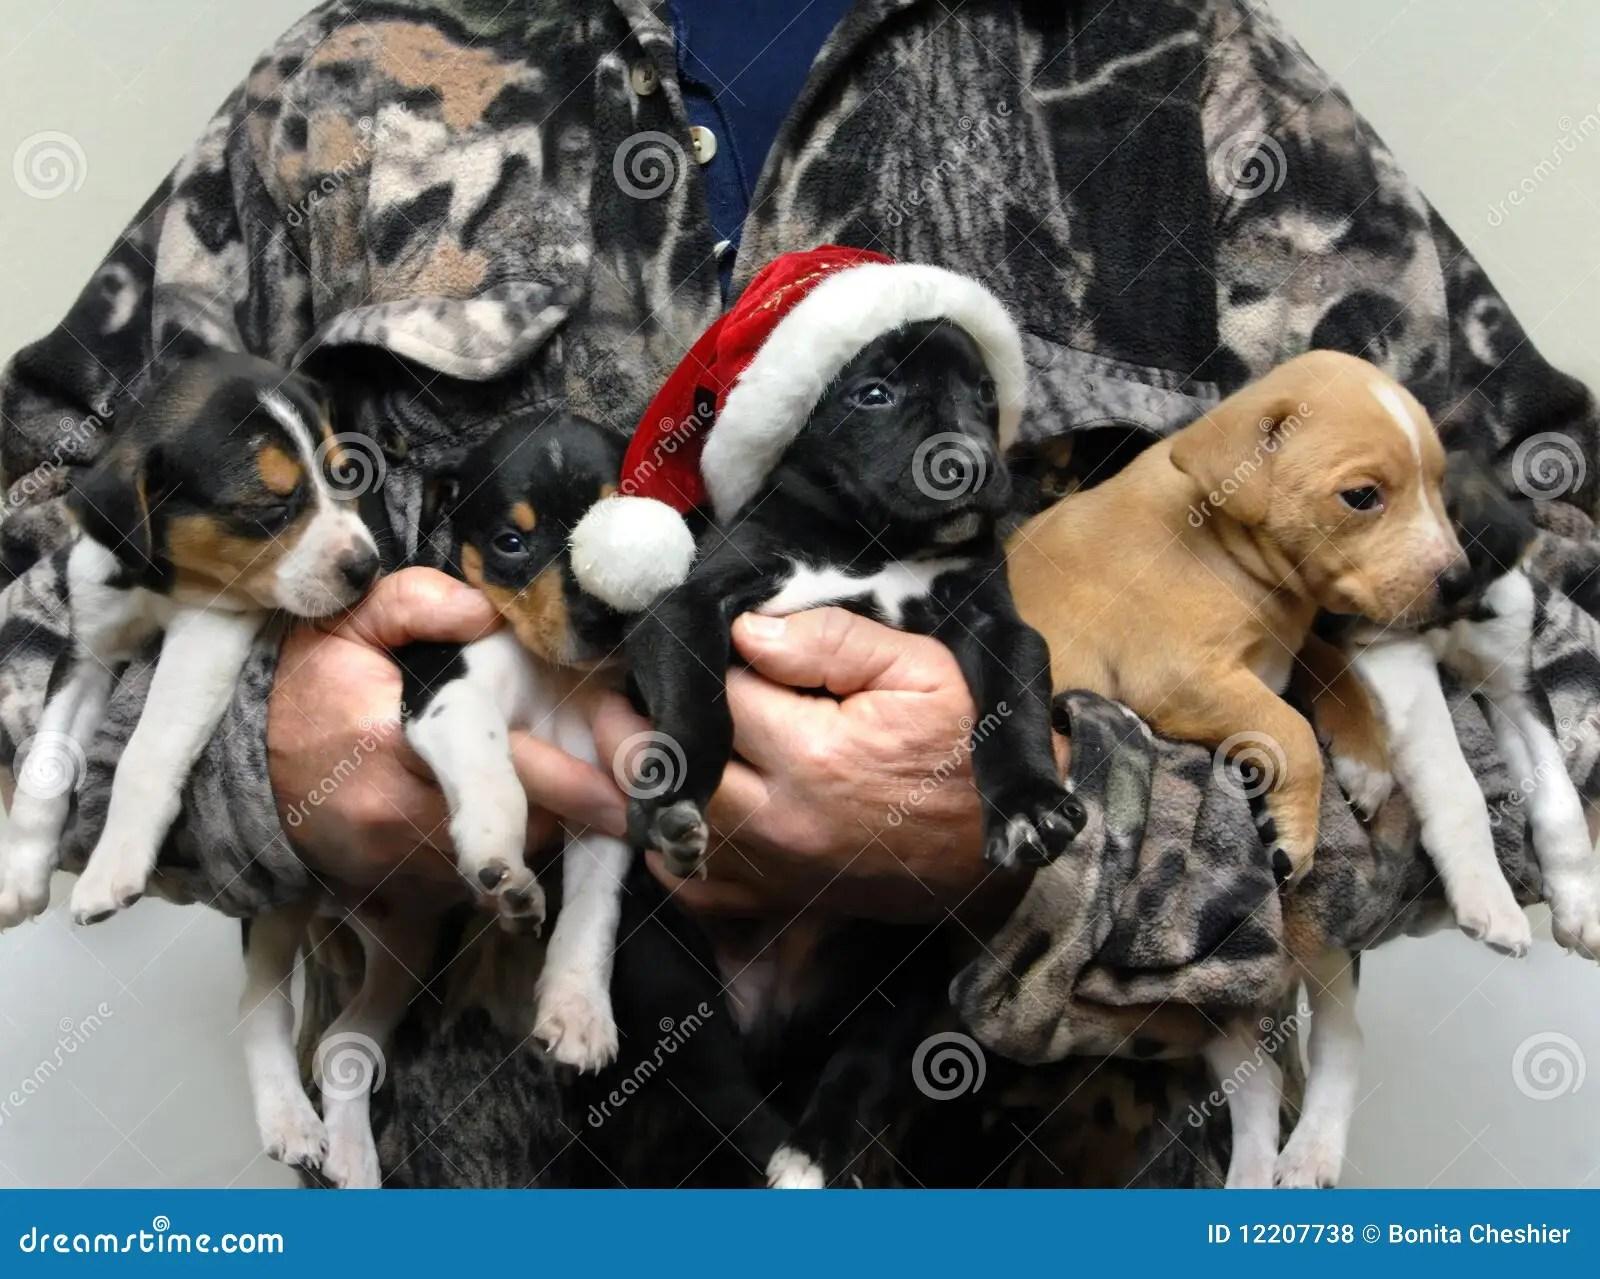 Adorable Hunting Dog For Christmas Royalty Free Stock